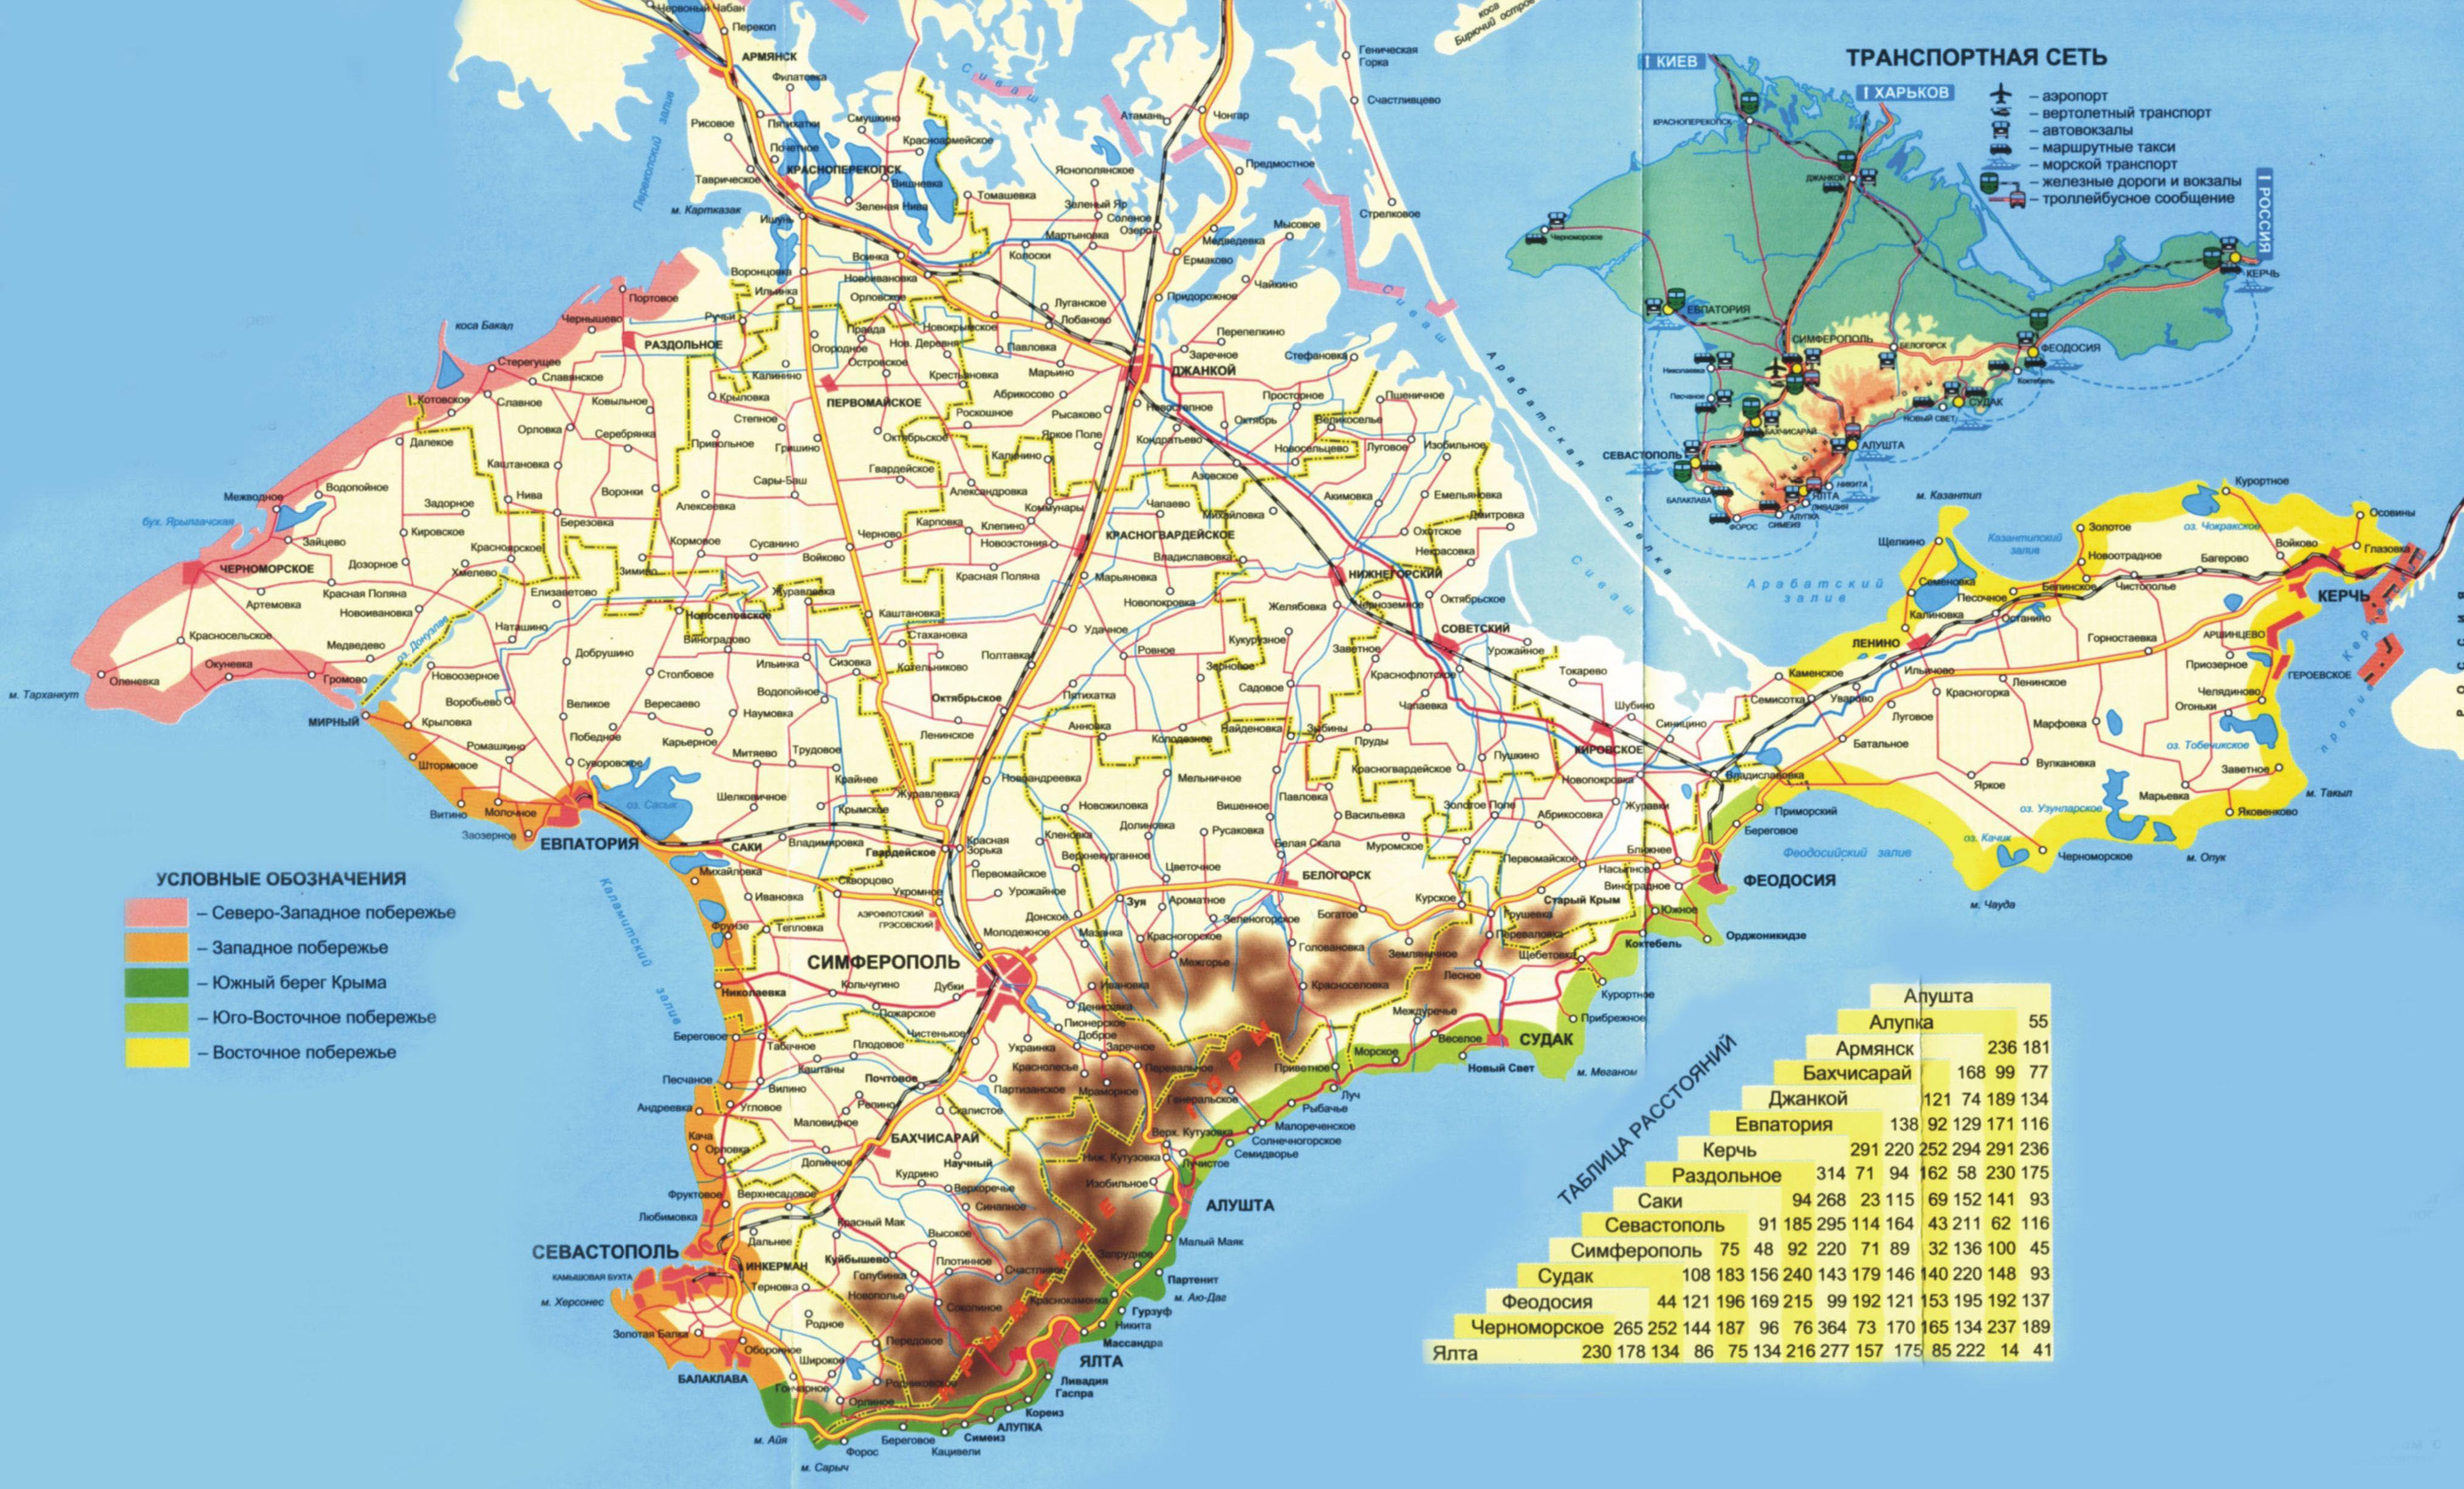 Скачать карту крыма для яндекс карт - 56165